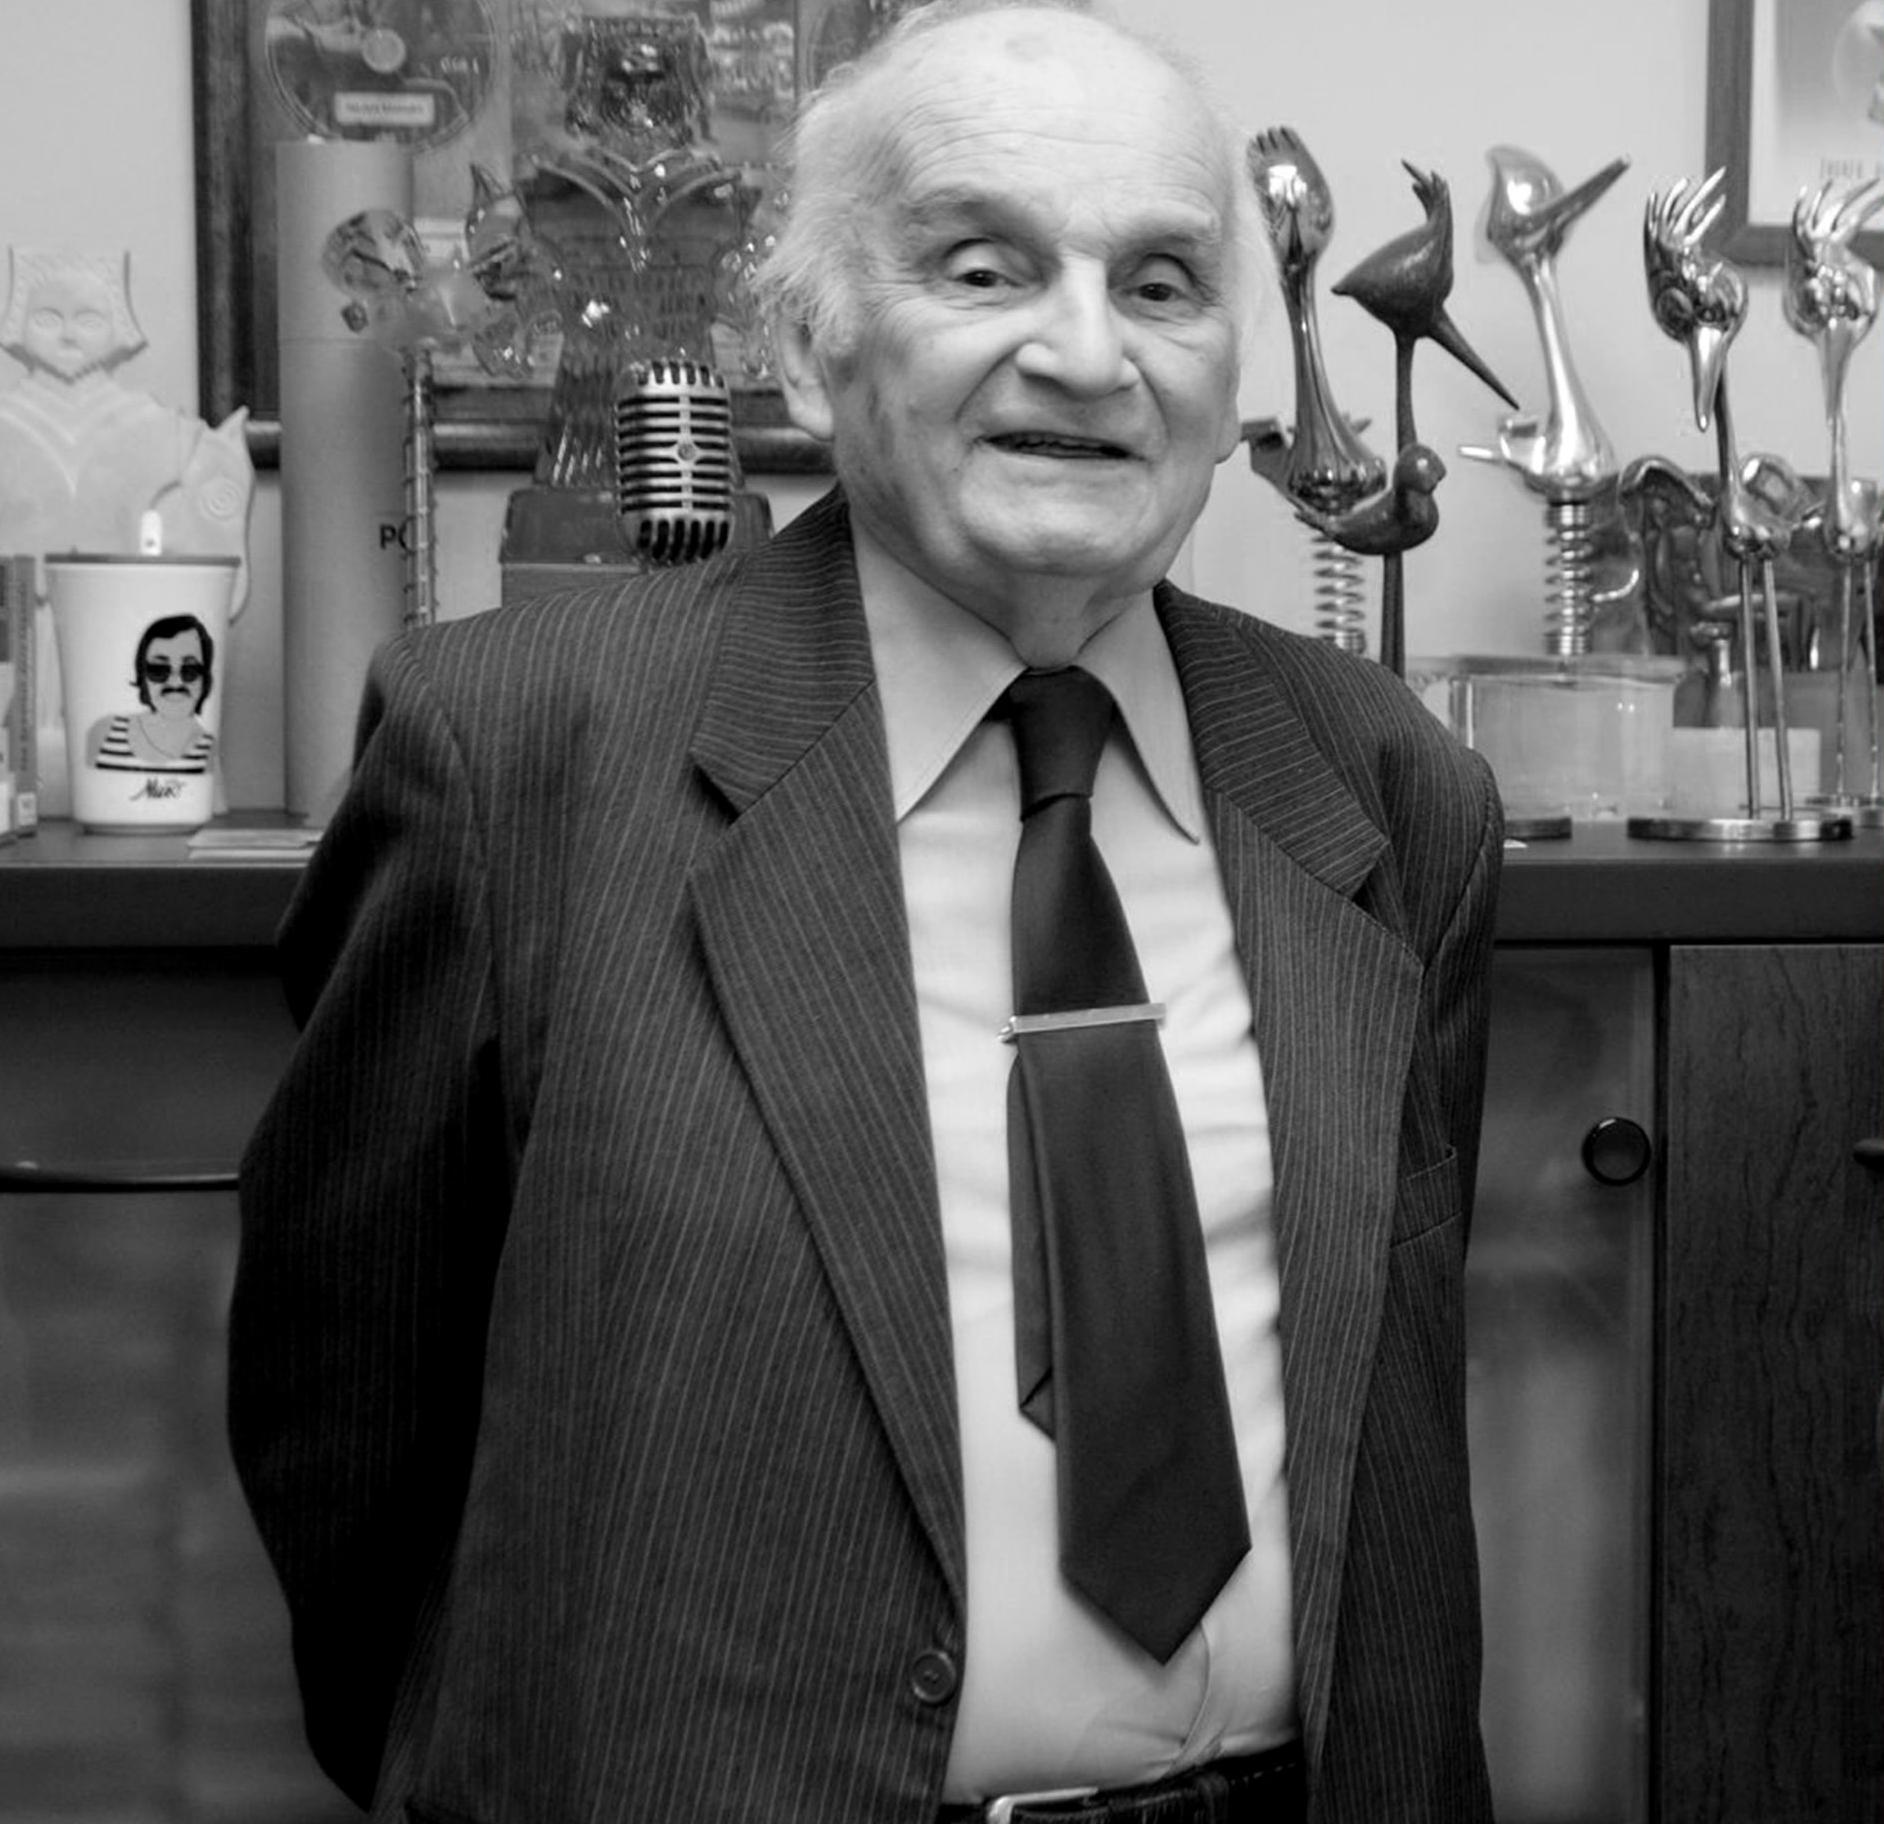 Prošla je godina dana otkako nas je napustio legendarni novinar i publicist Pero Zlatar